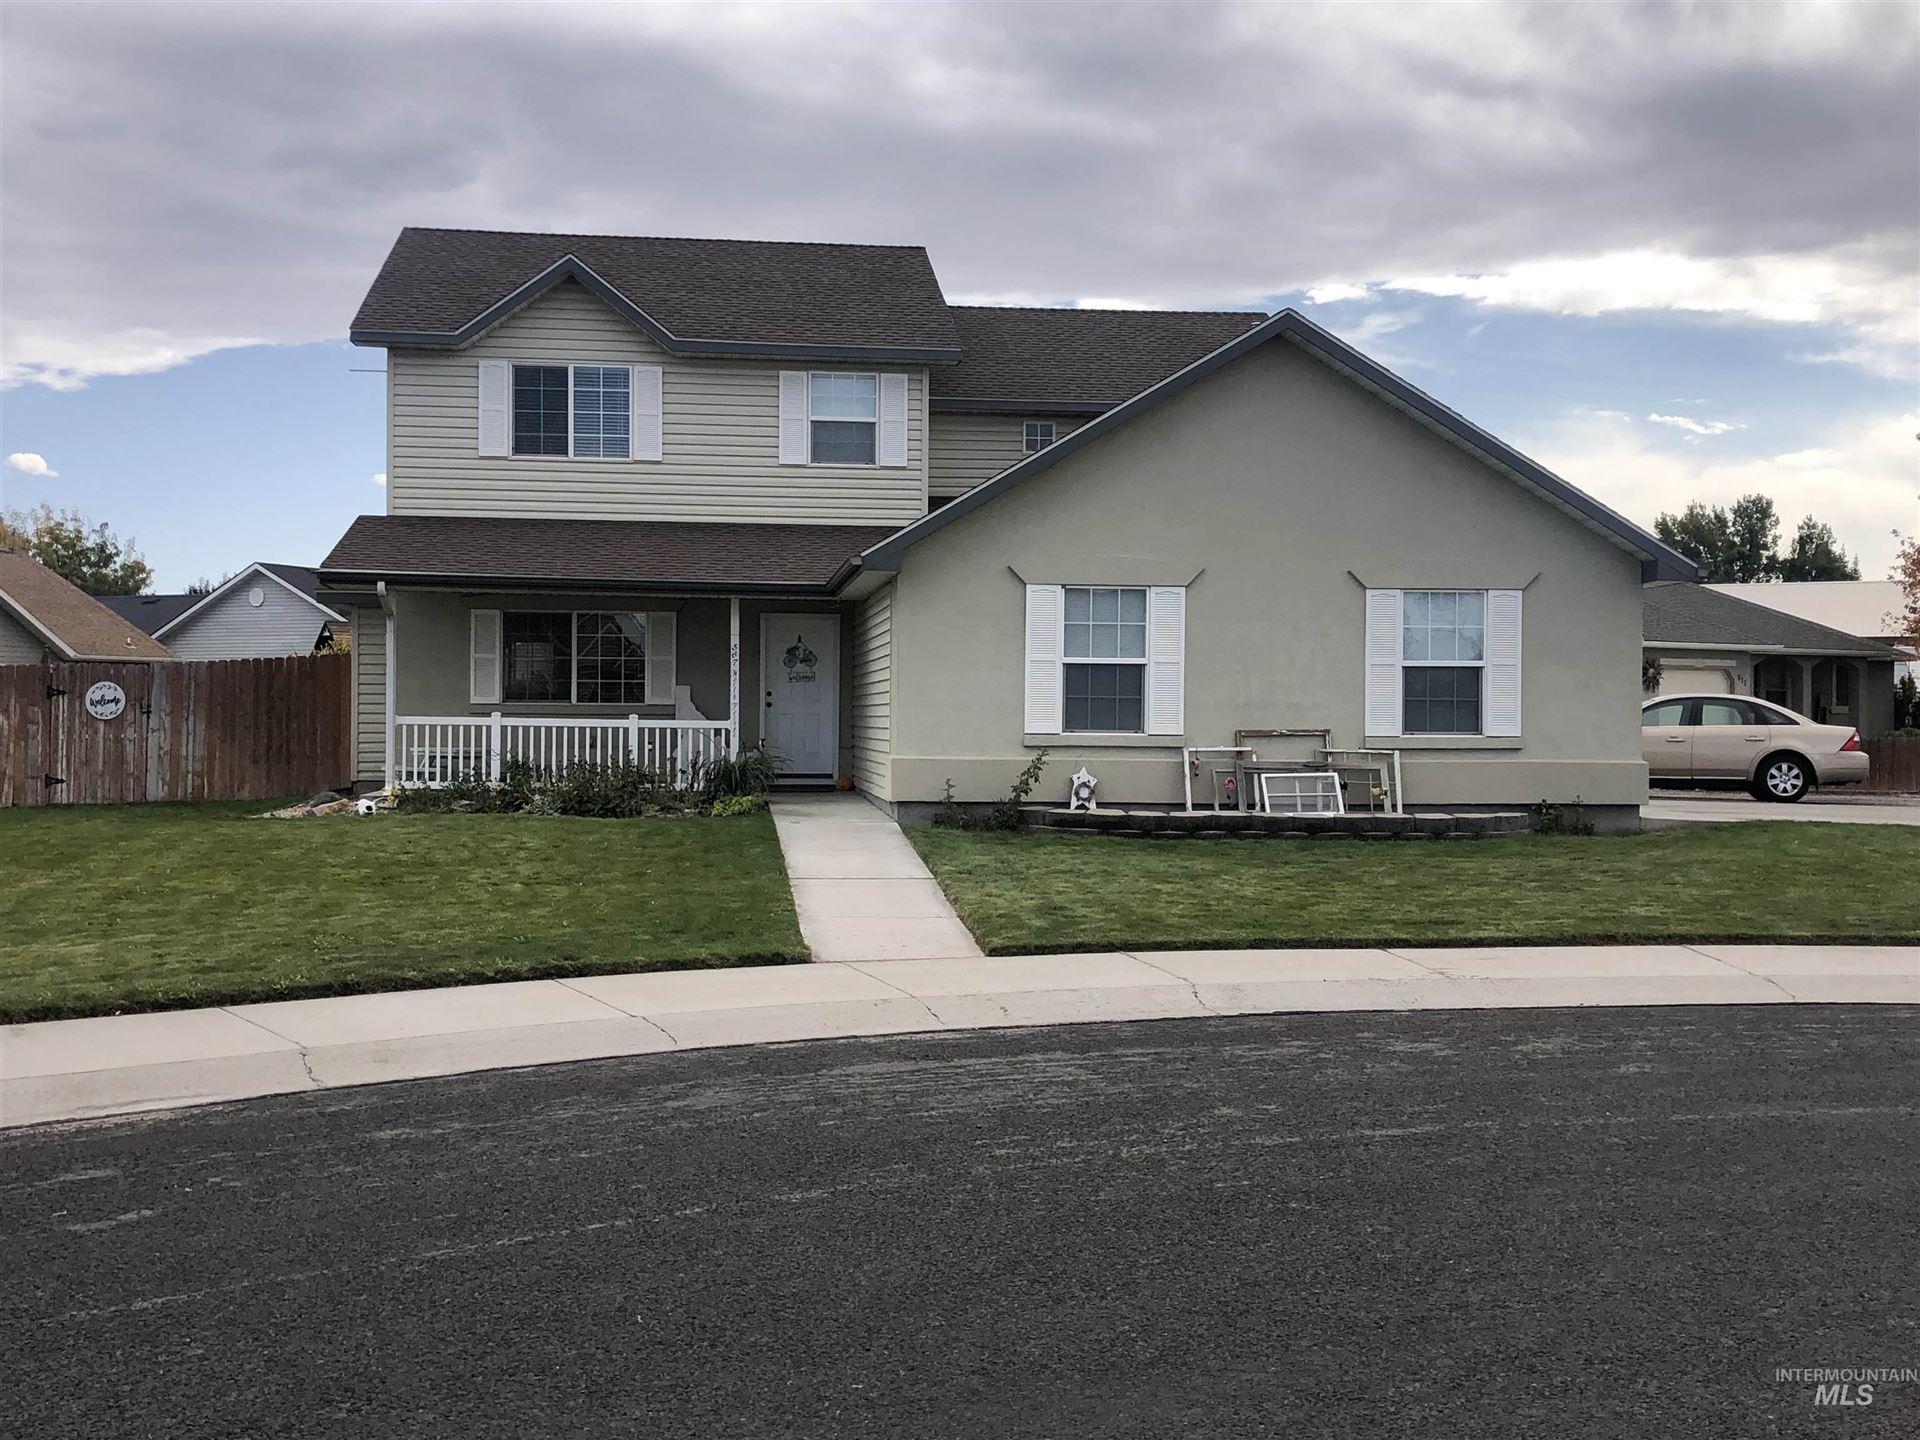 867 North Pointe Drive, Twin Falls, ID 83301 - MLS#: 98821349